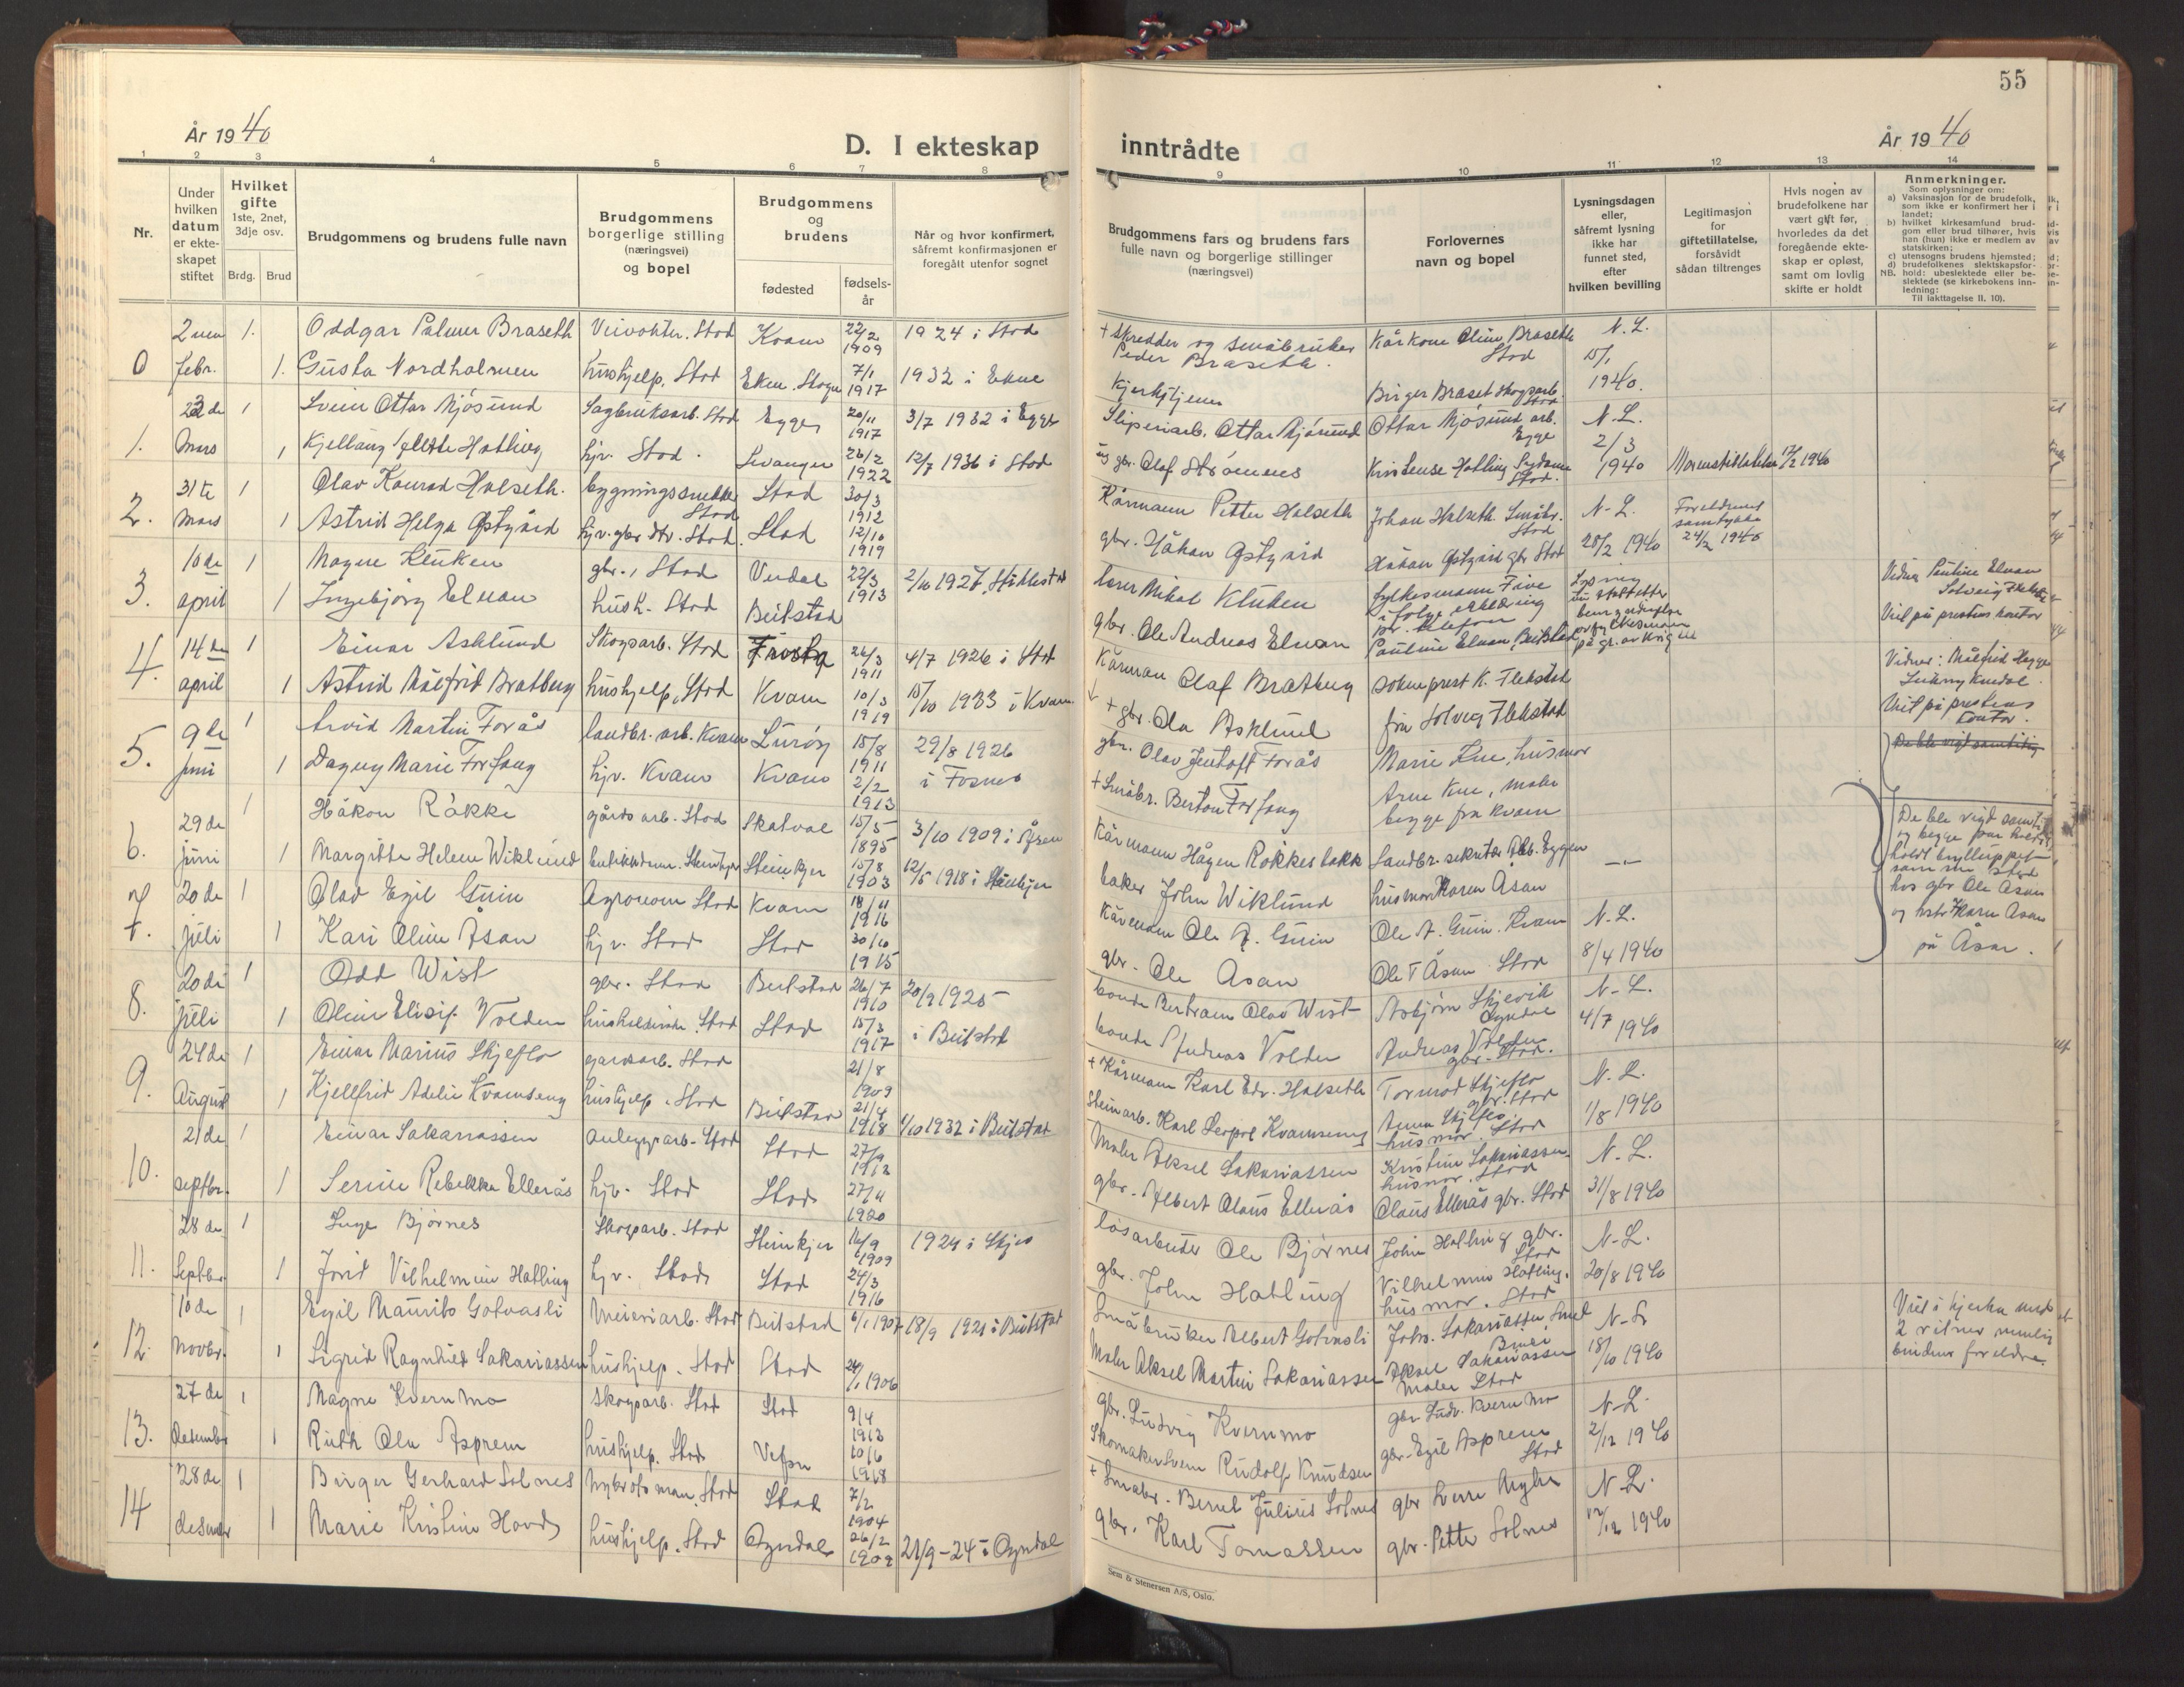 SAT, Ministerialprotokoller, klokkerbøker og fødselsregistre - Nord-Trøndelag, 746/L0456: Klokkerbok nr. 746C02, 1936-1948, s. 55